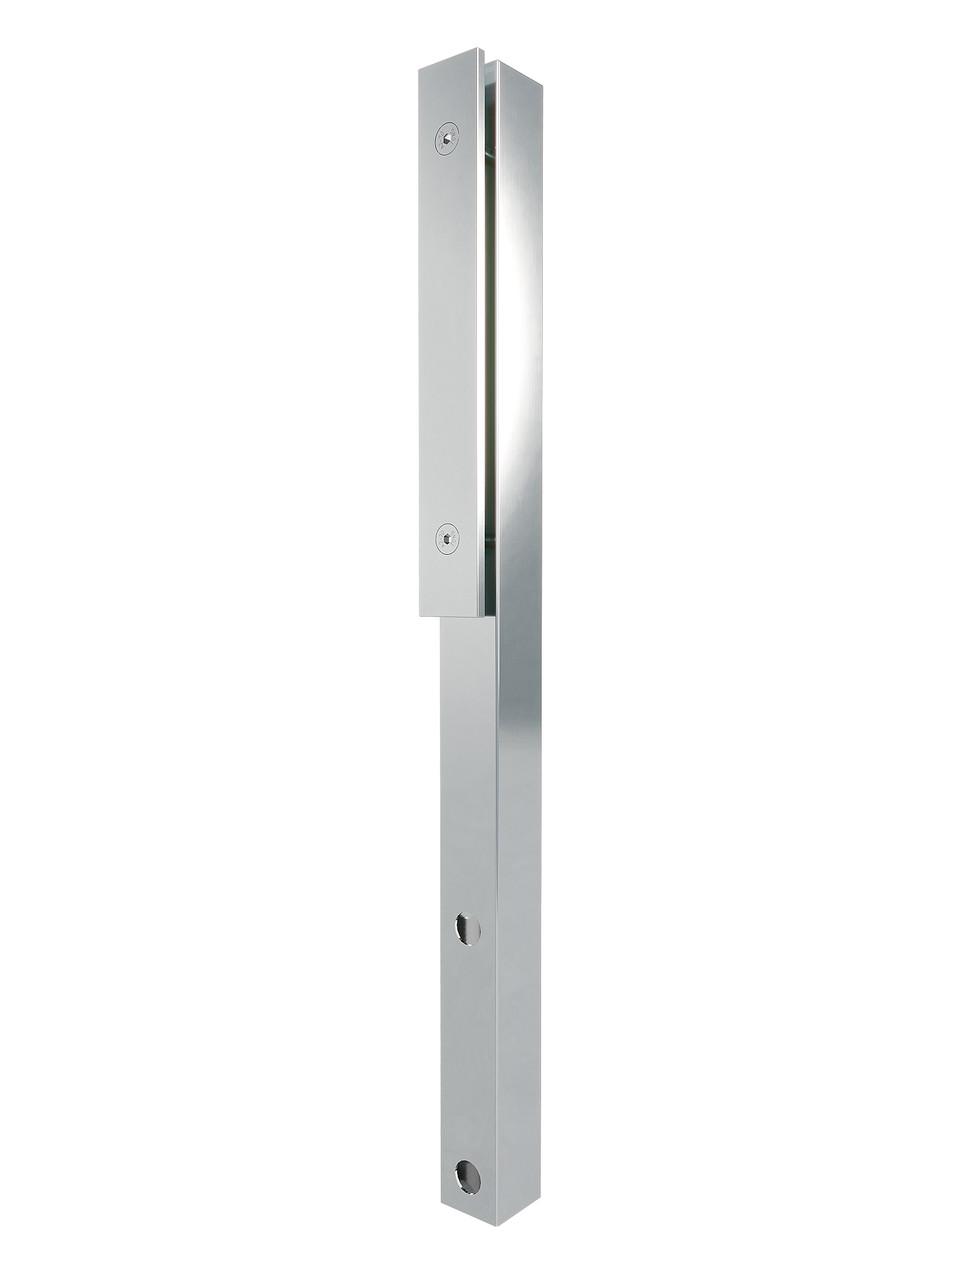 ODF-02-13-02-H600 Стійка для бічного монтажу (монтажні коннектори у вартість не входять), полірована